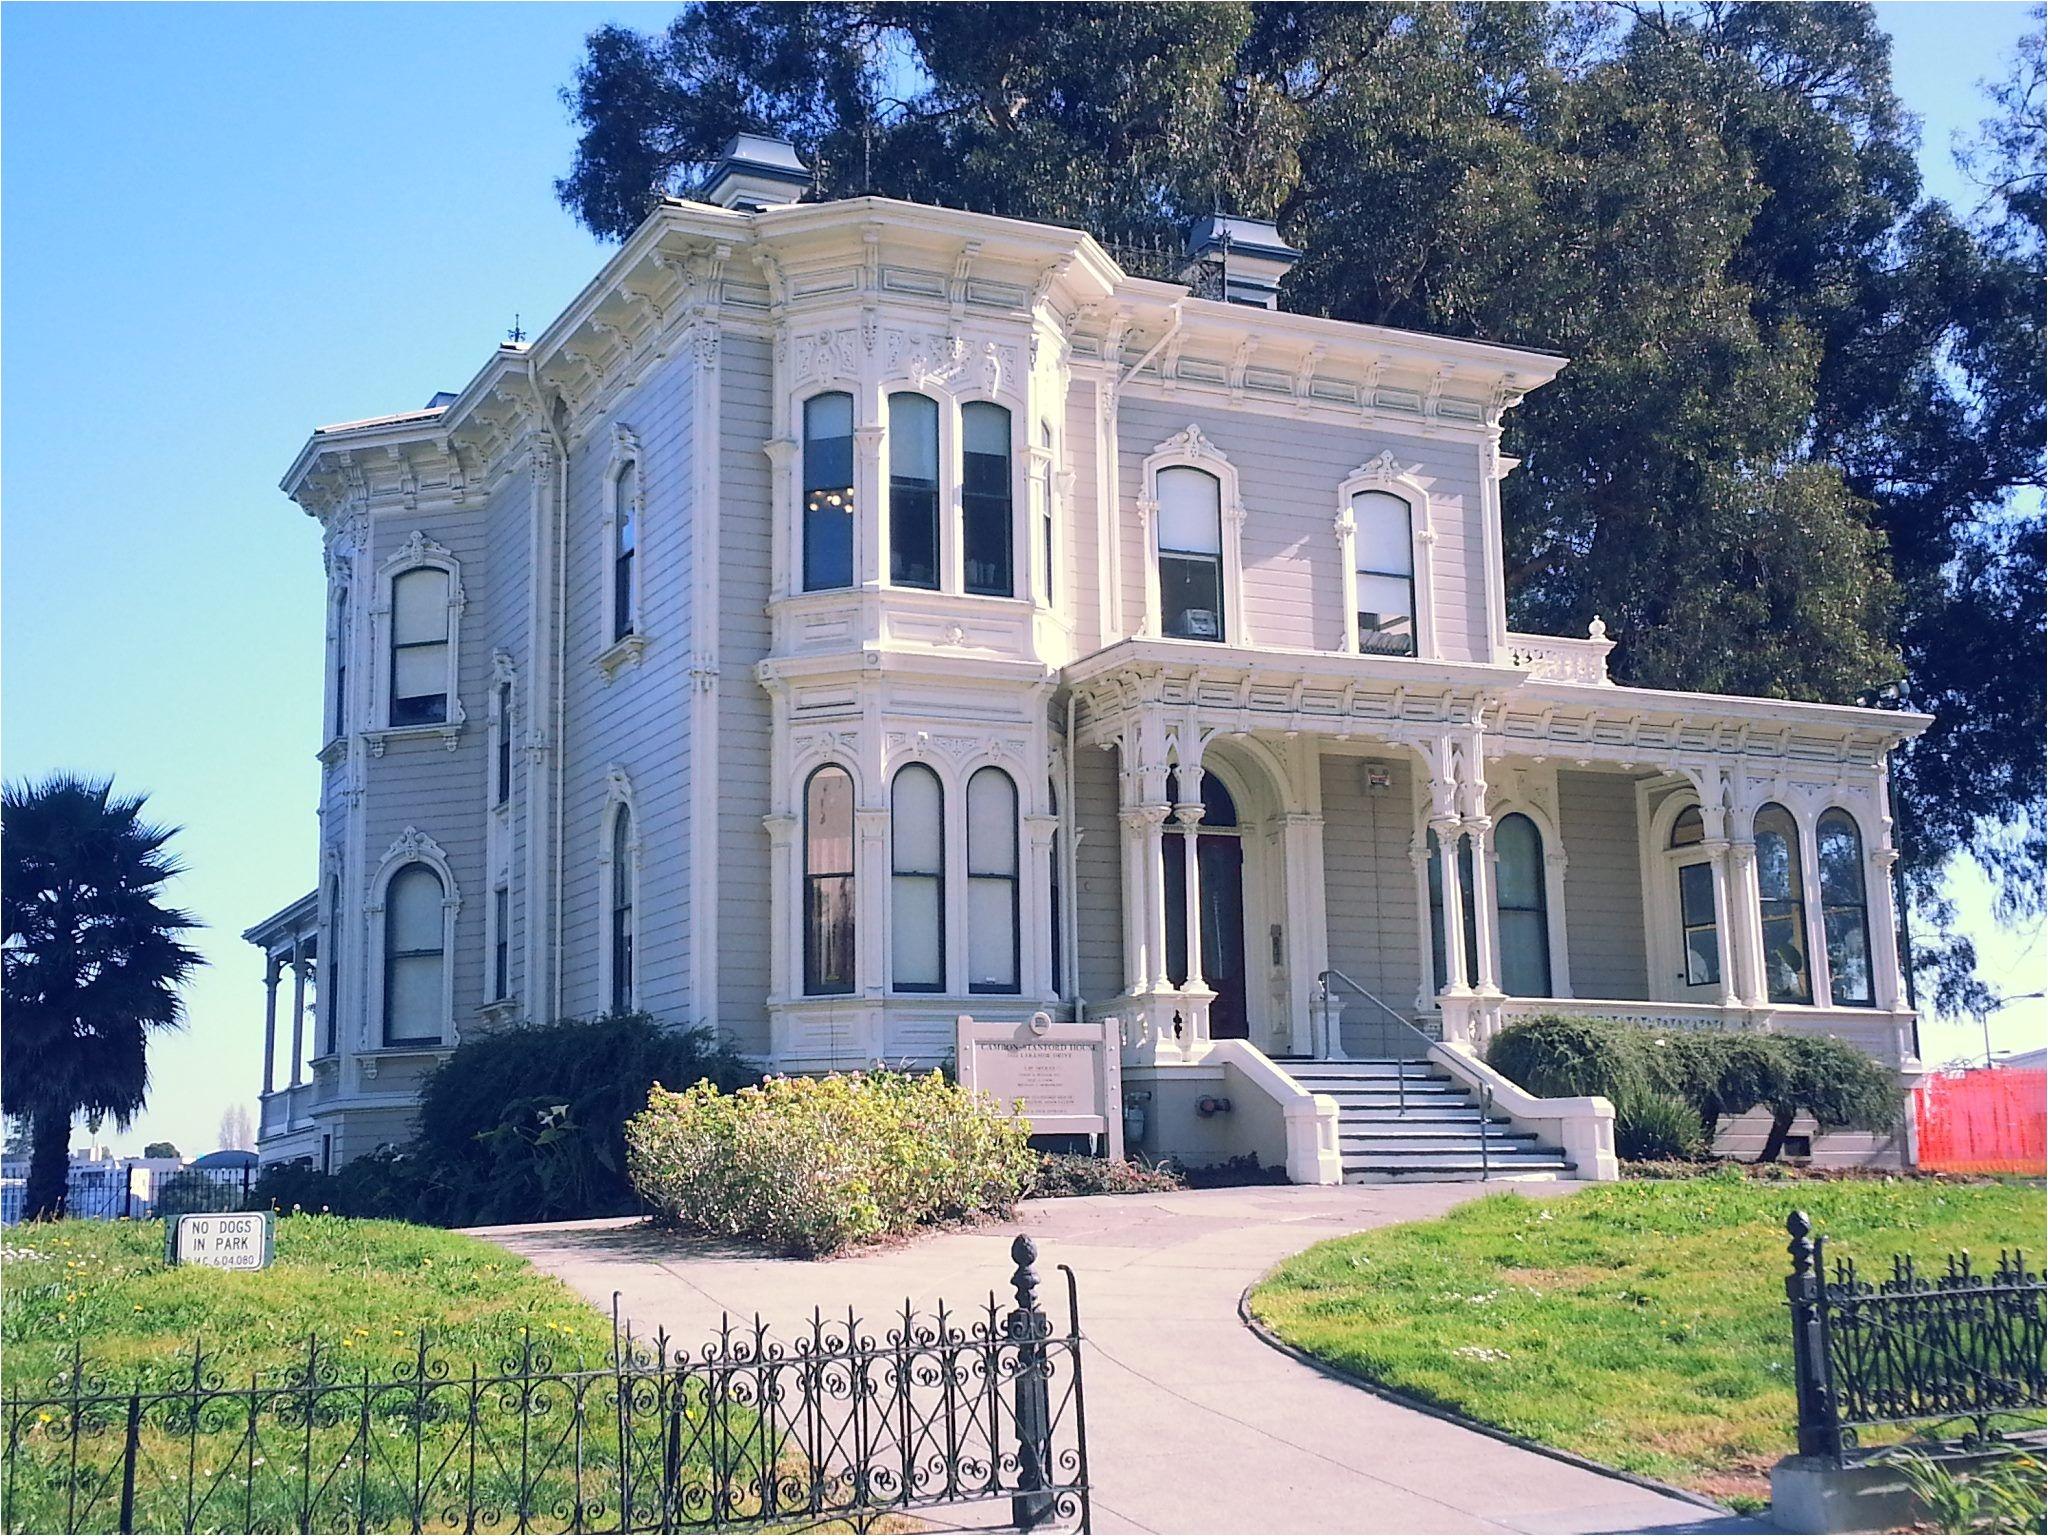 1886 italianate victorian homes in ohio italianate victorian dream home